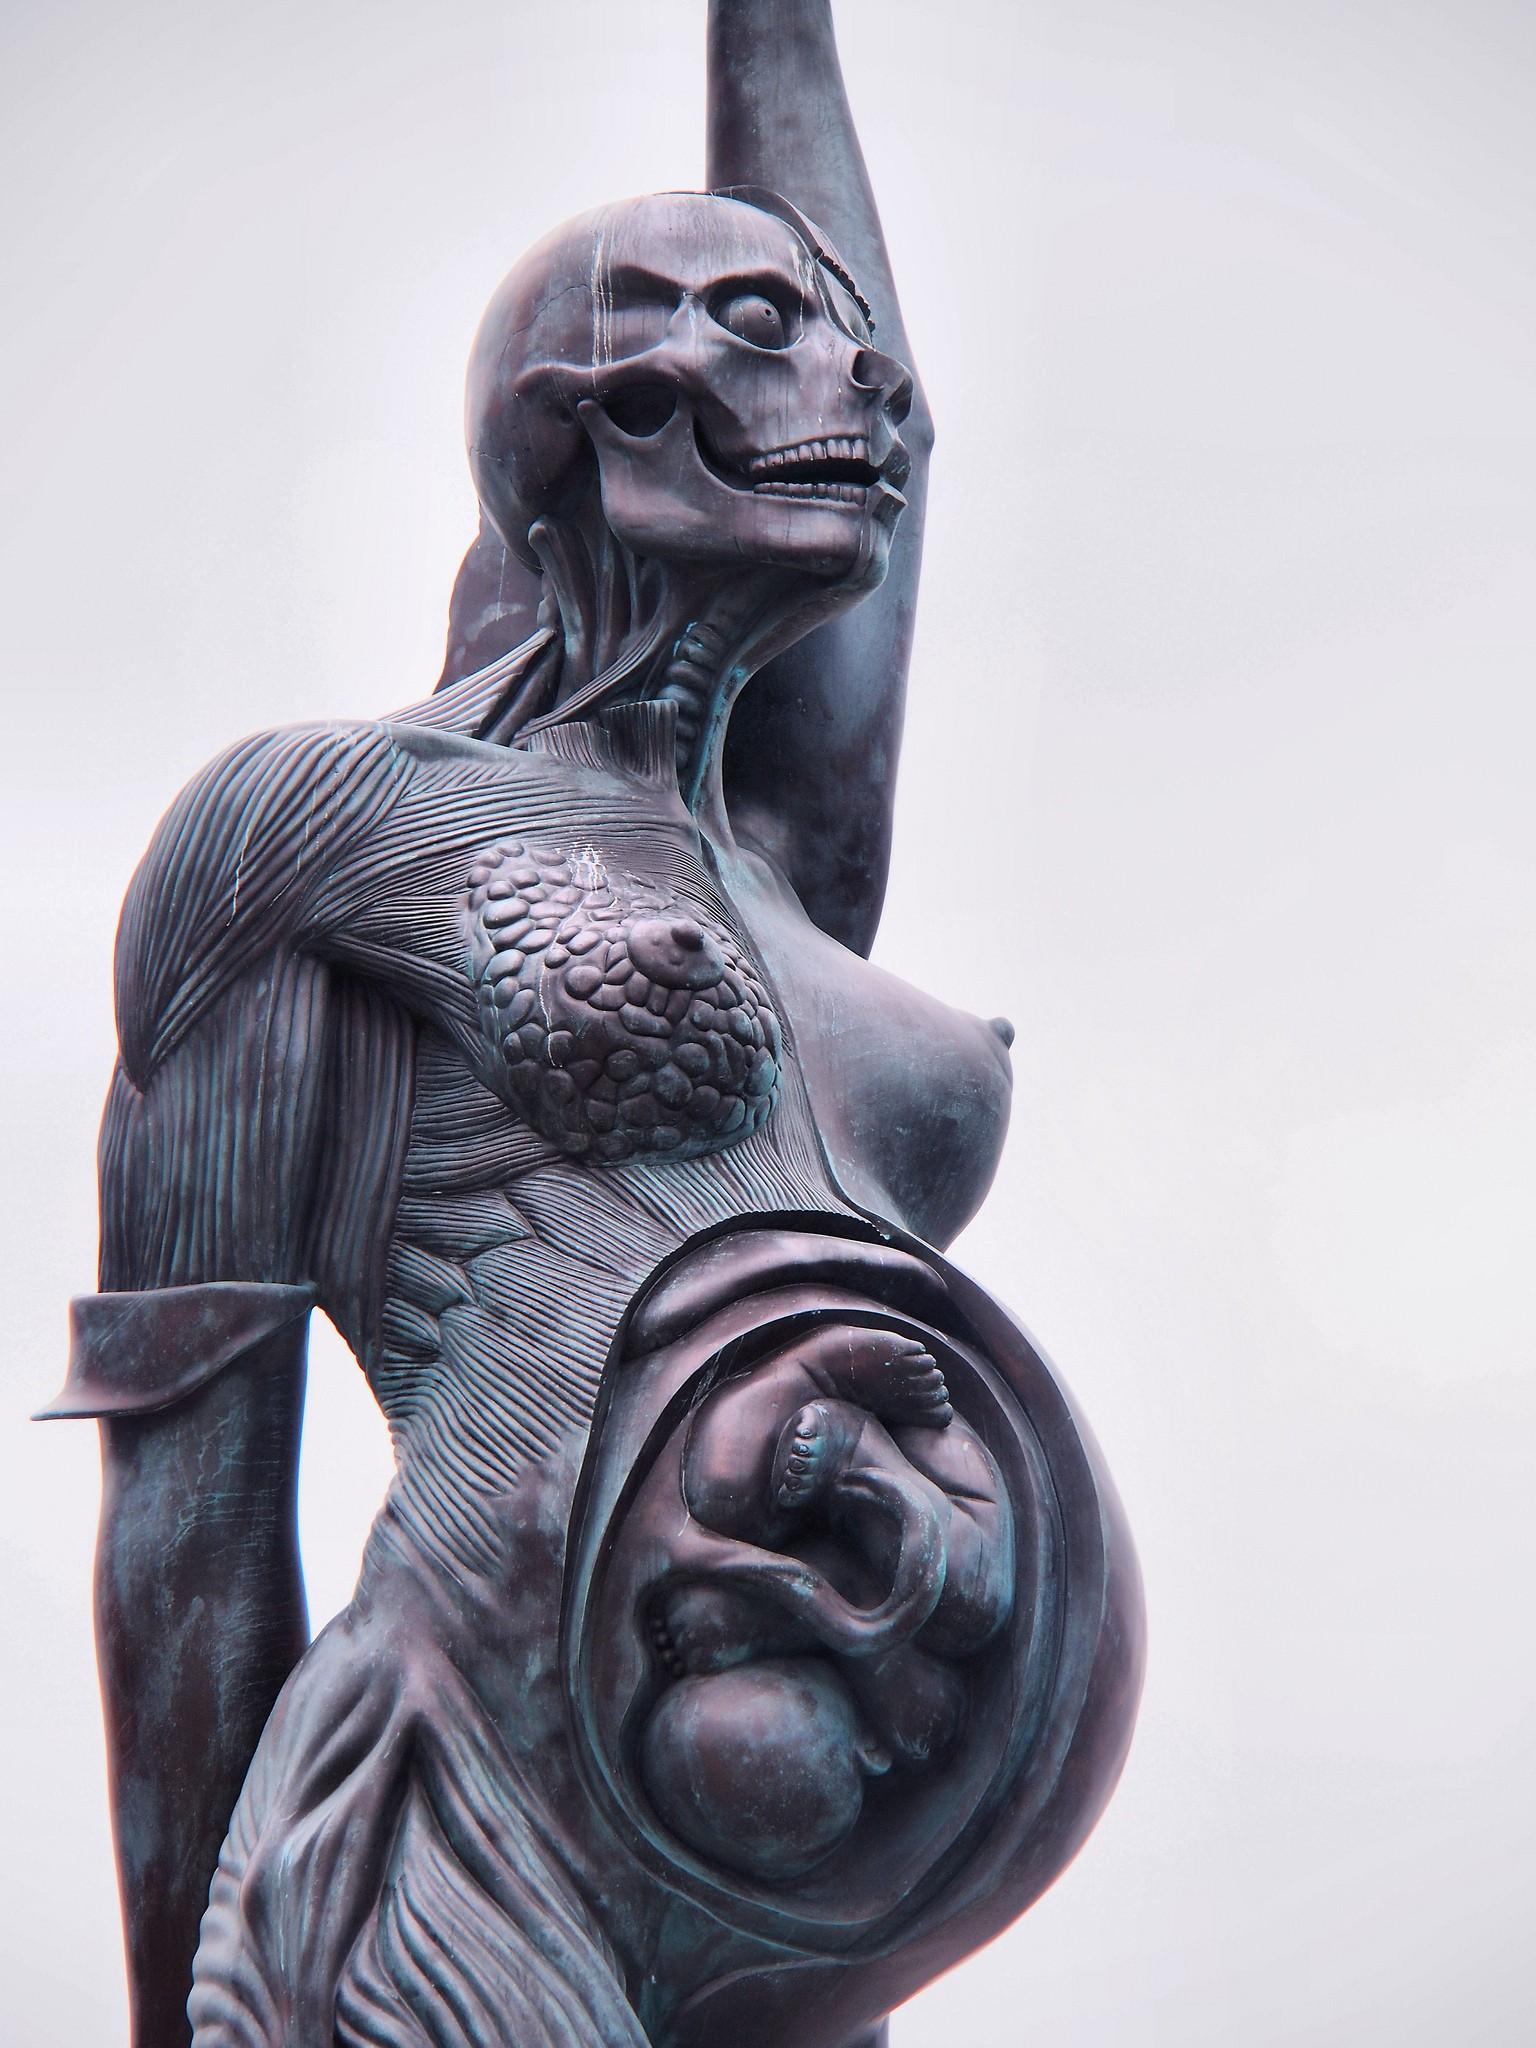 7 bức tượng khiến bạn vừa có cảm giác thích thú, vừa rùng mình run sợ - Ảnh 5.